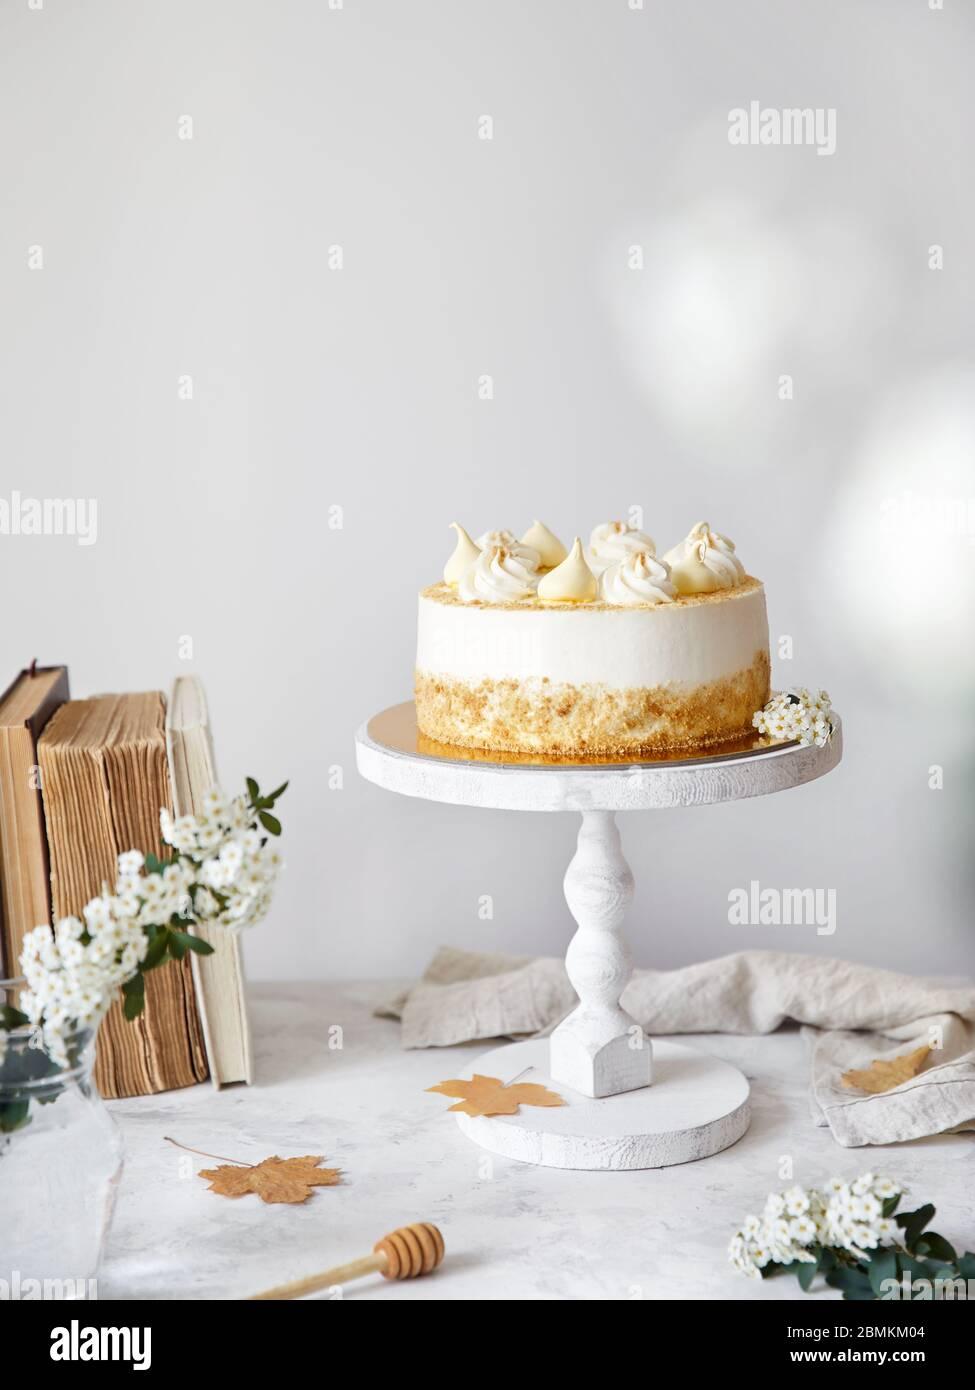 Pastel ruso casero con miel Medovik con crema y merengue en la parte superior. Flores blancas, hojas de otoño, libros viejos cerca en la mesa blanca Foto de stock